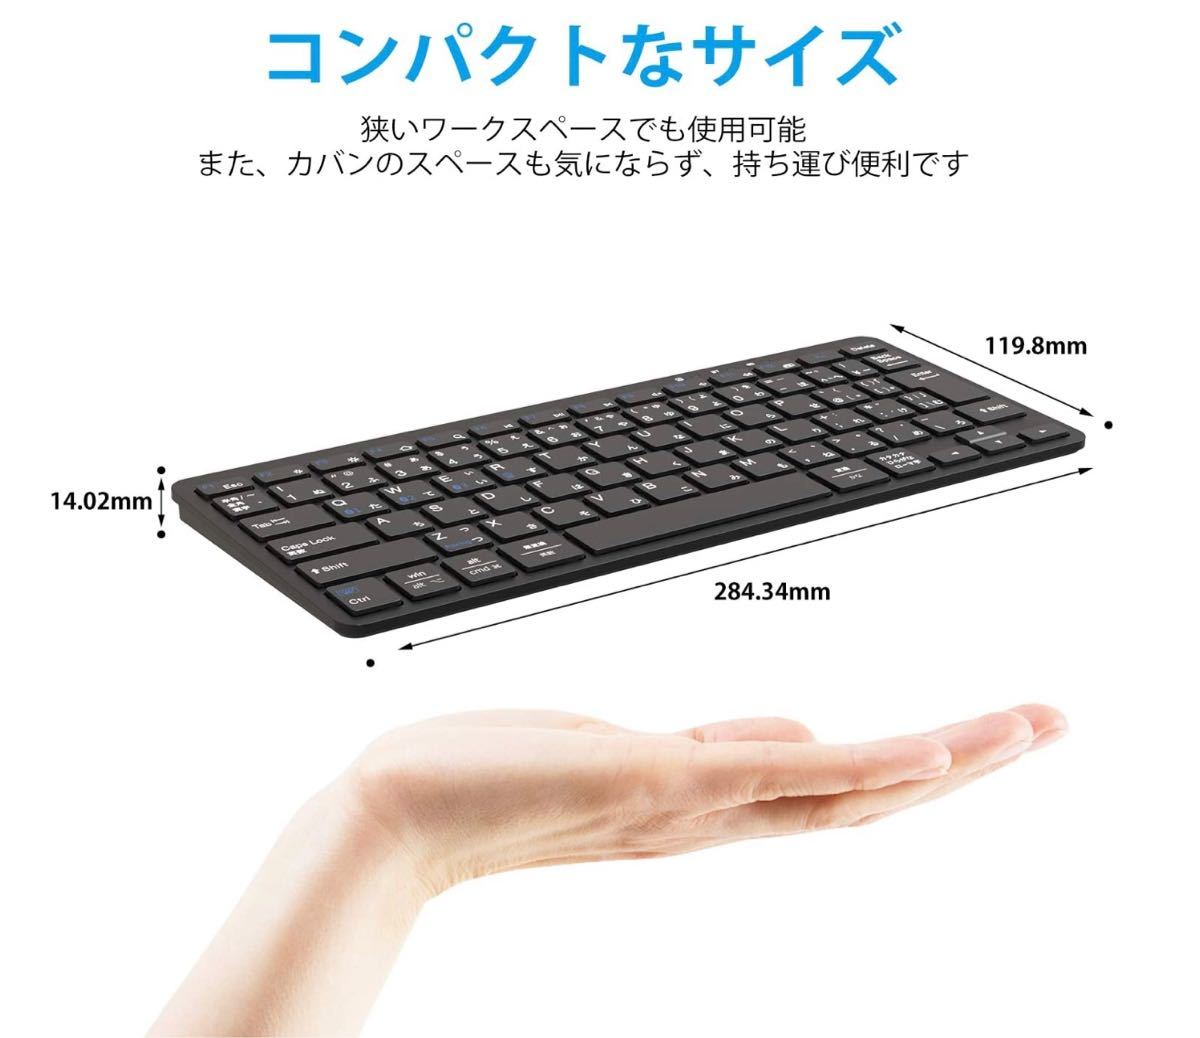 【即日発送】ワイヤレスキーボード 3台ペアリング 充電式